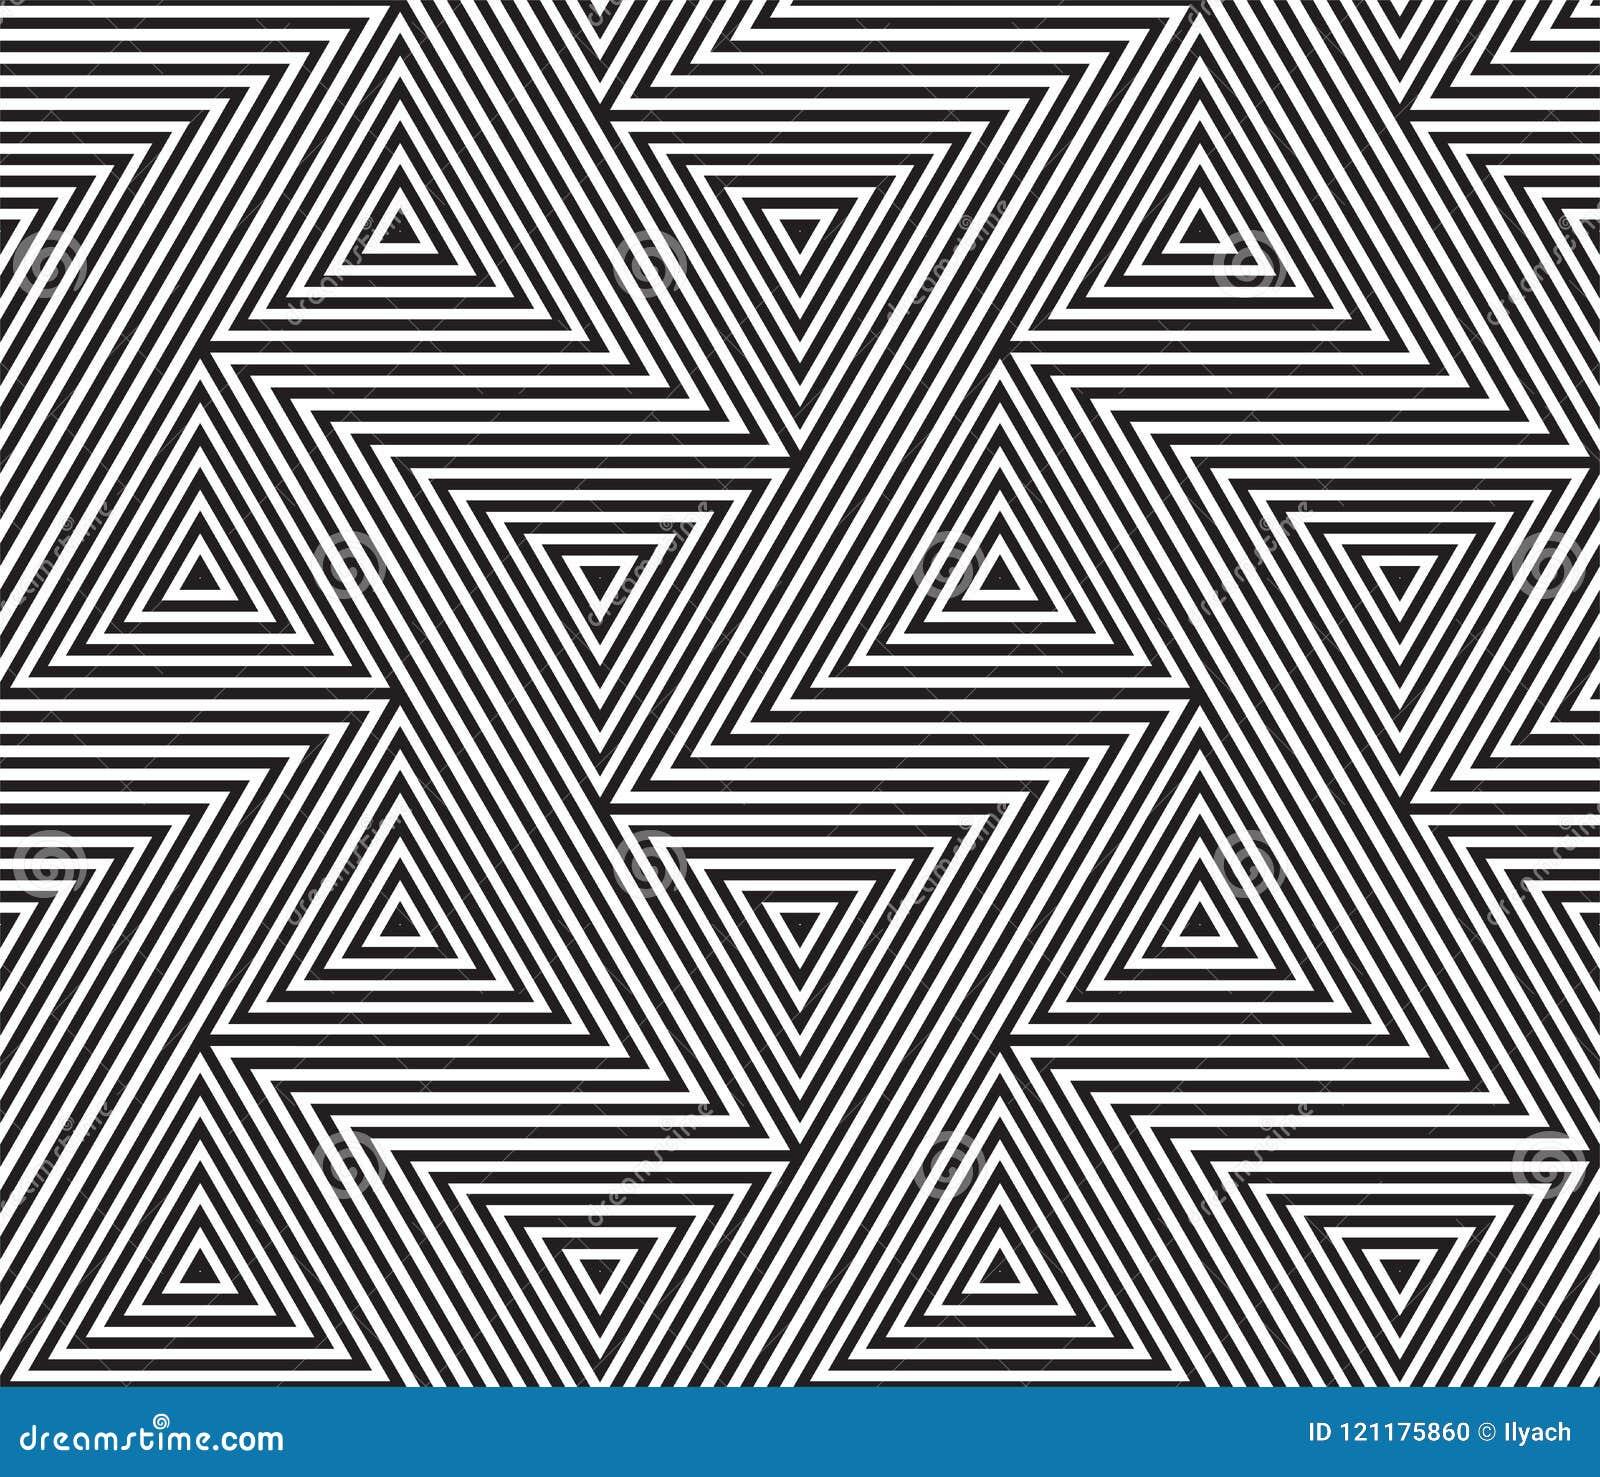 Abstrakter geometrischer nahtloser Mustervektorhintergrund